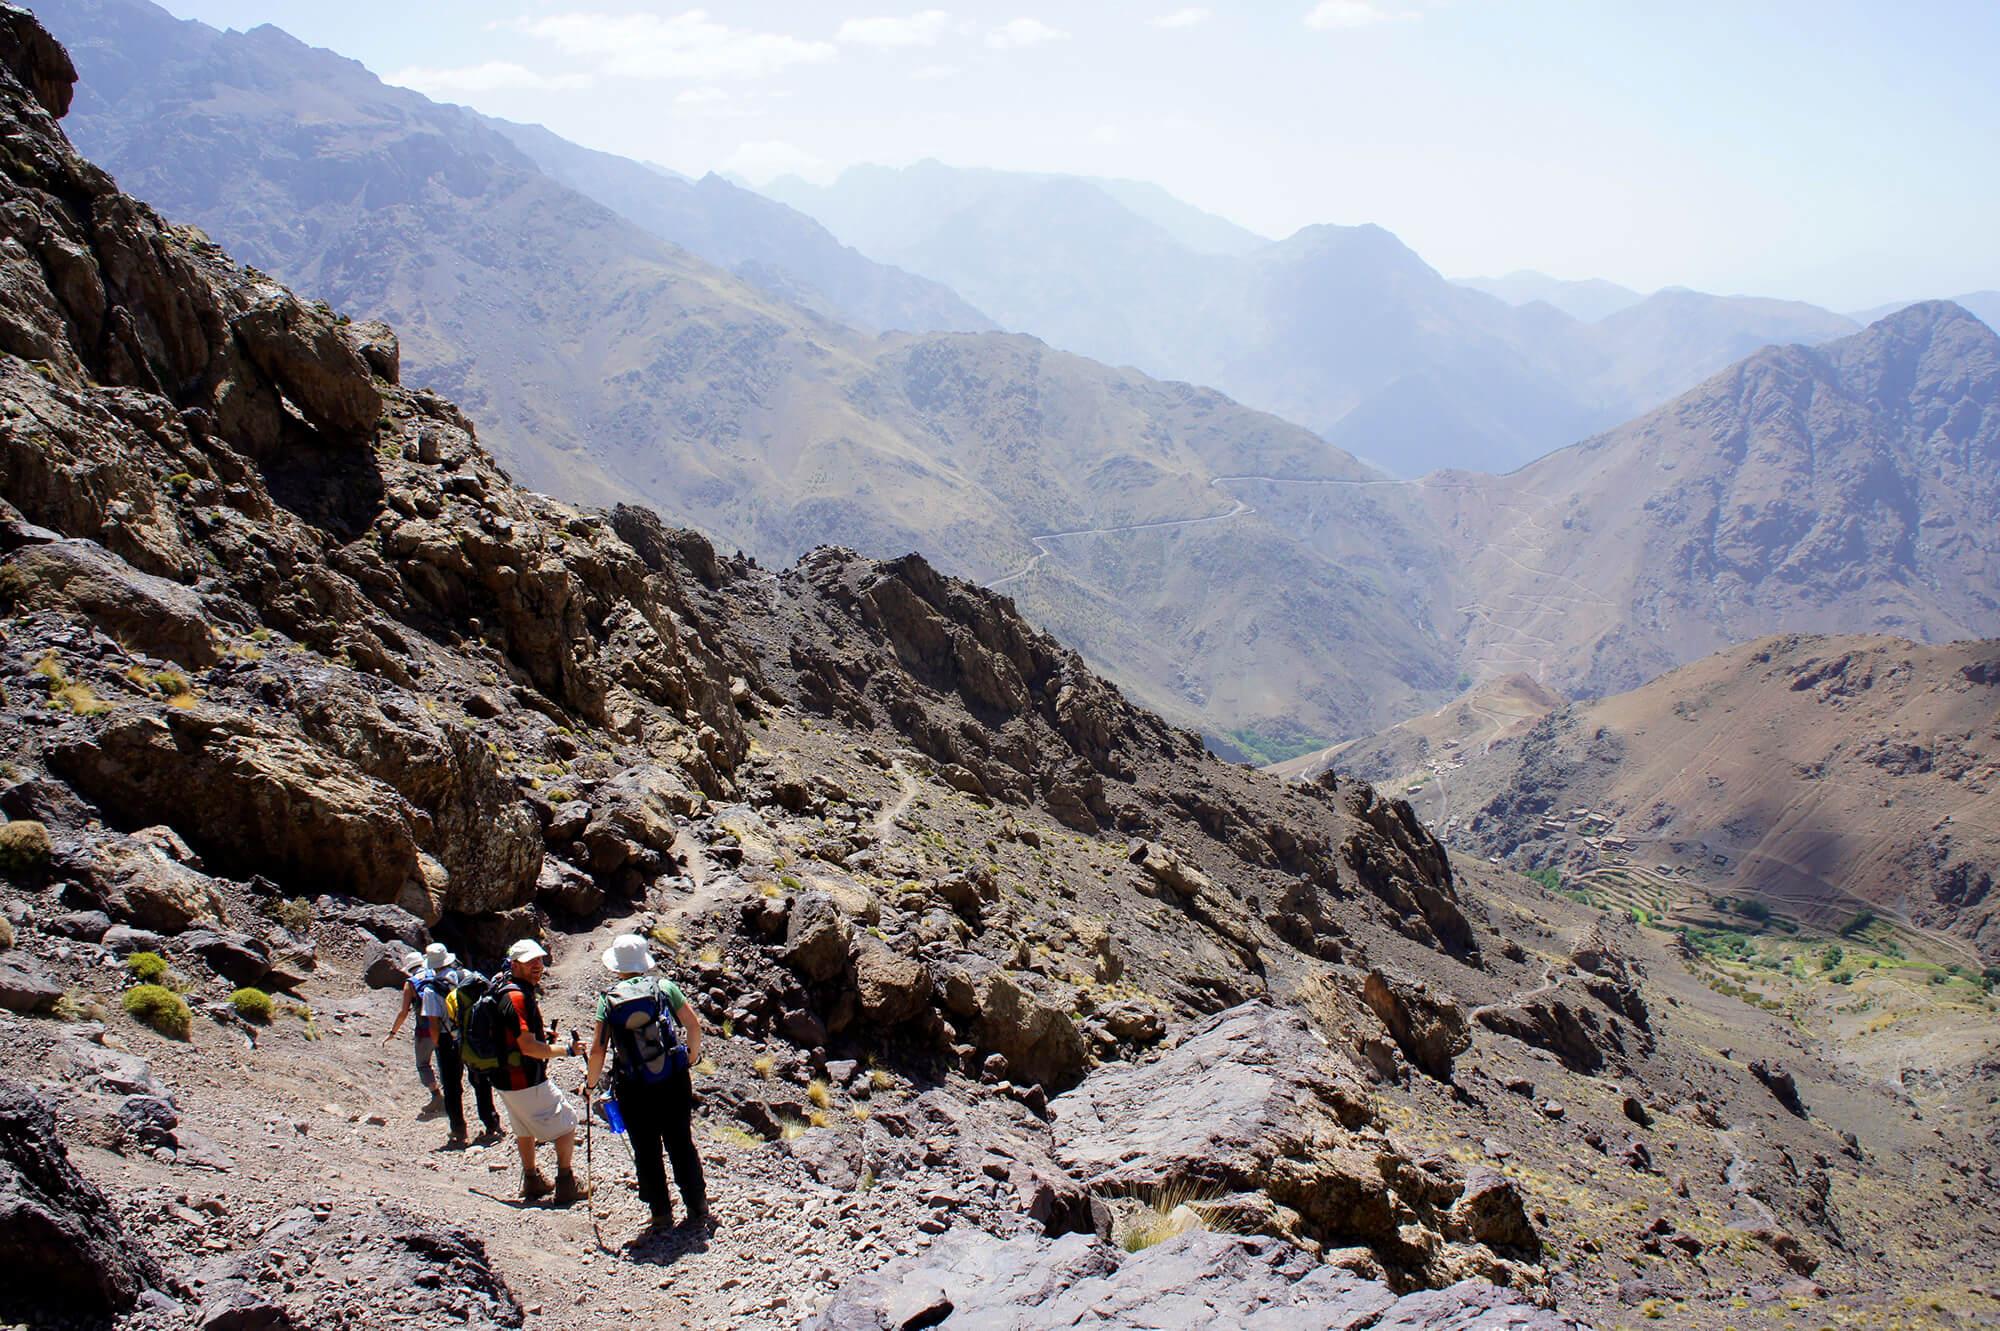 Five Amazing Adventure Activities in Morocco - Hiking and Trekking